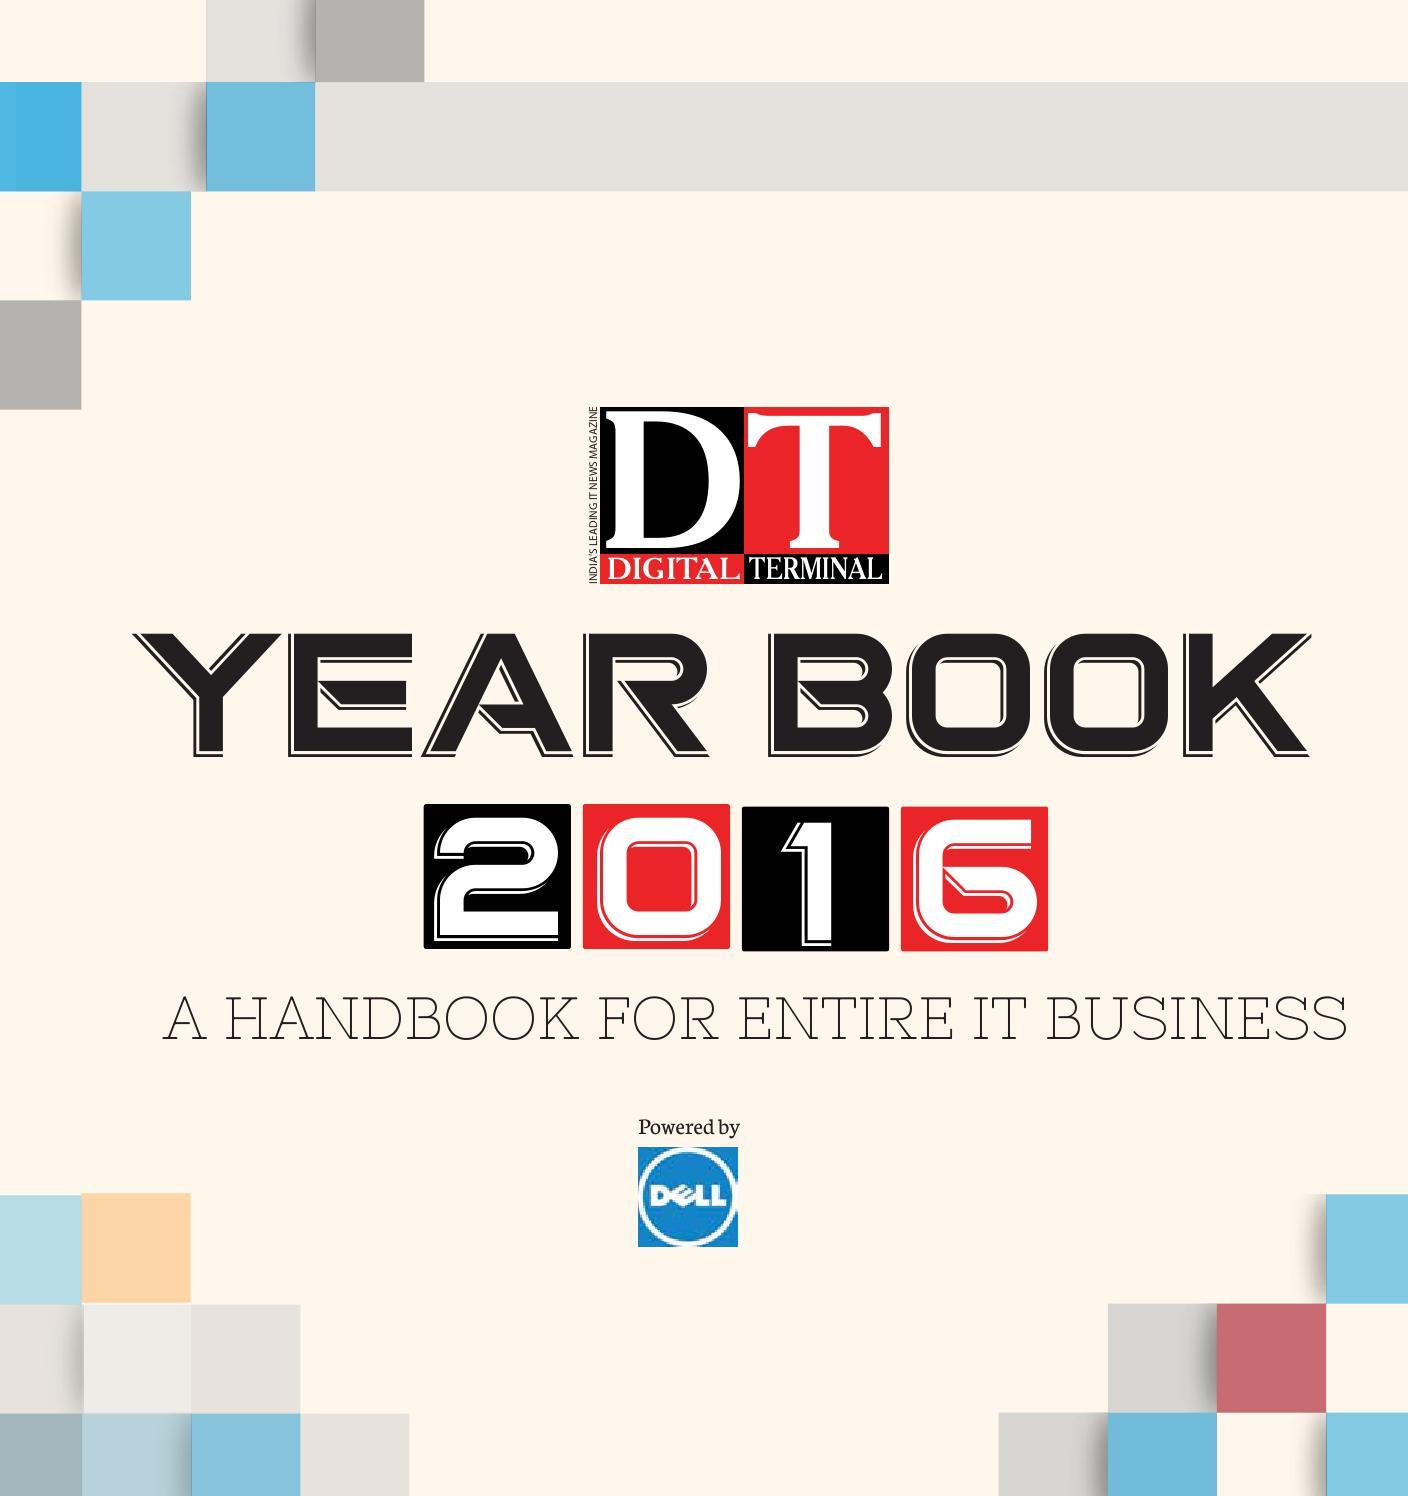 cffca1c872f14b Digital Terminal Year Book 2016 by Digital Terminal - issuu